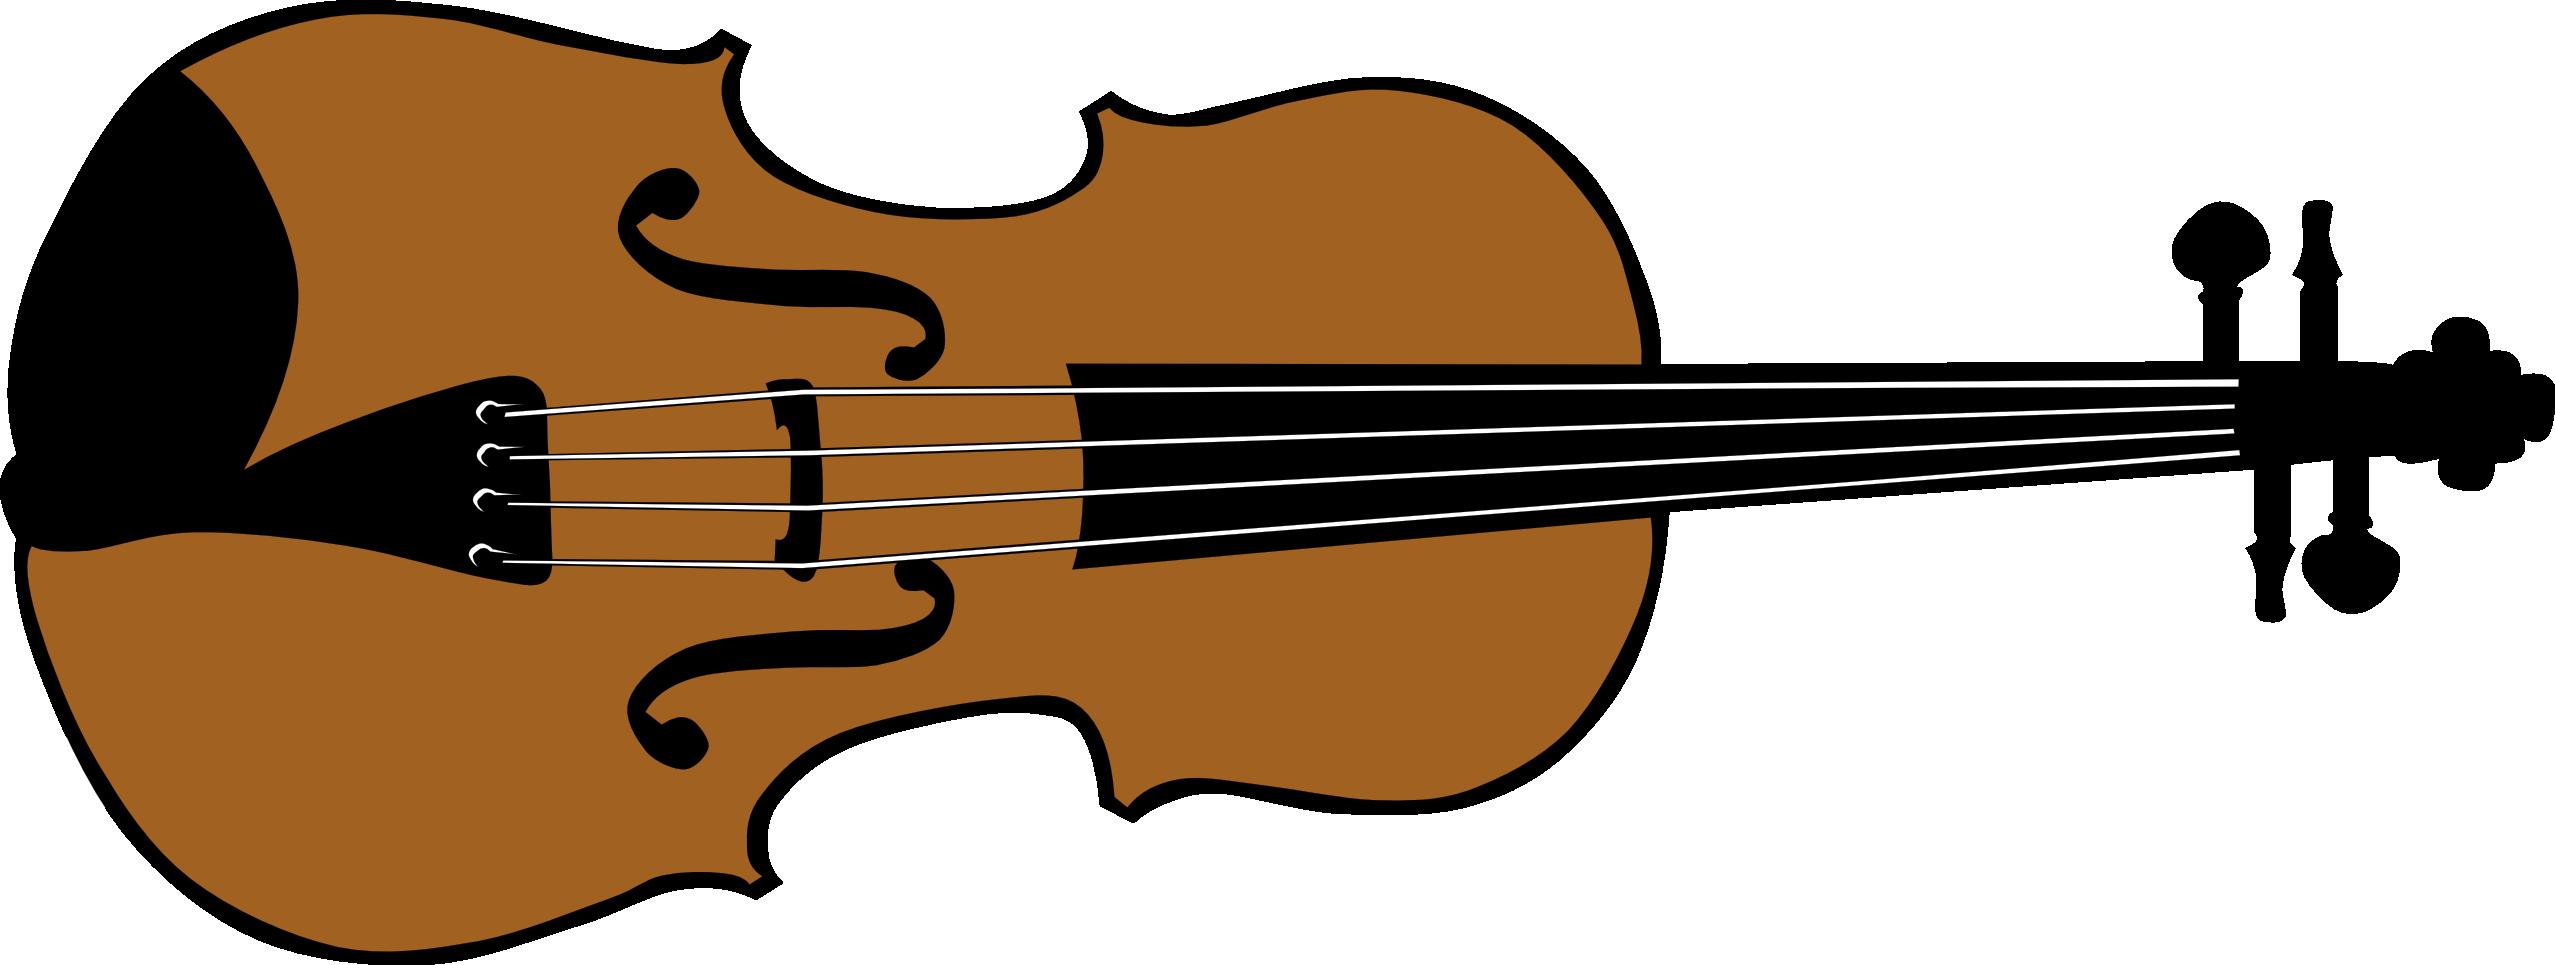 Violin clipart purple Clipart Cello And Clipart Black